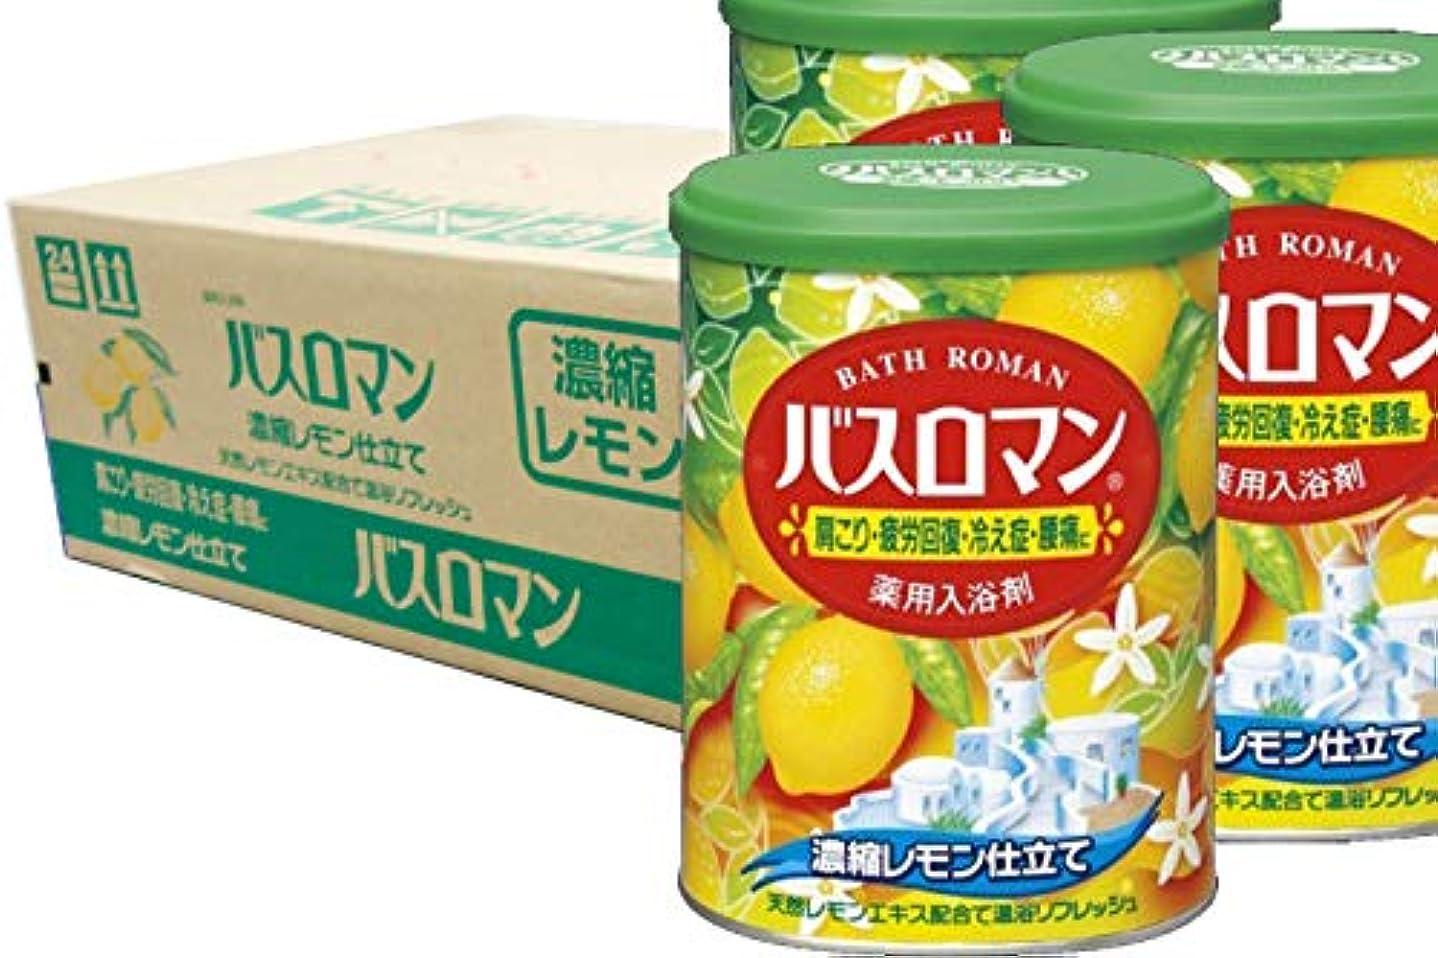 休憩路面電車大佐アース製薬 バスロマン 濃縮レモン仕立て 850g(入浴剤)×12点セット (4901080532015)